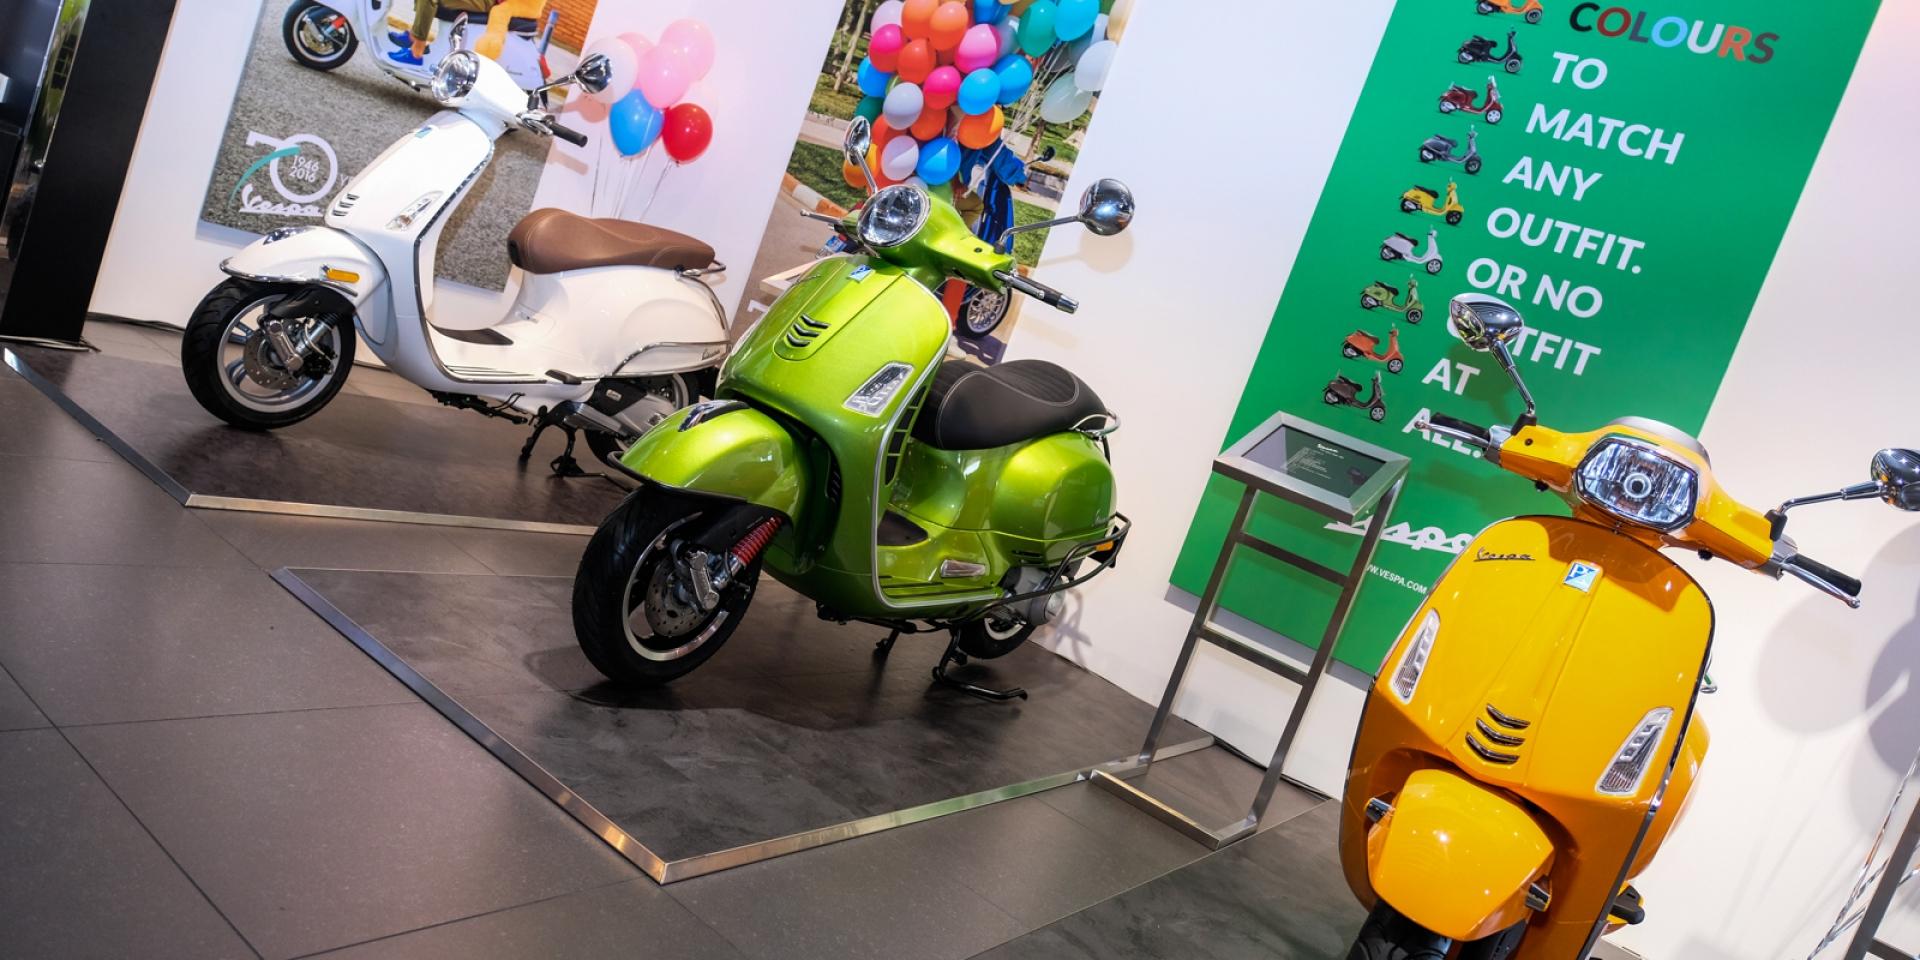 來自米蘭的城市休憩廳。Vespa Motoplex內湖旗艦店開幕!